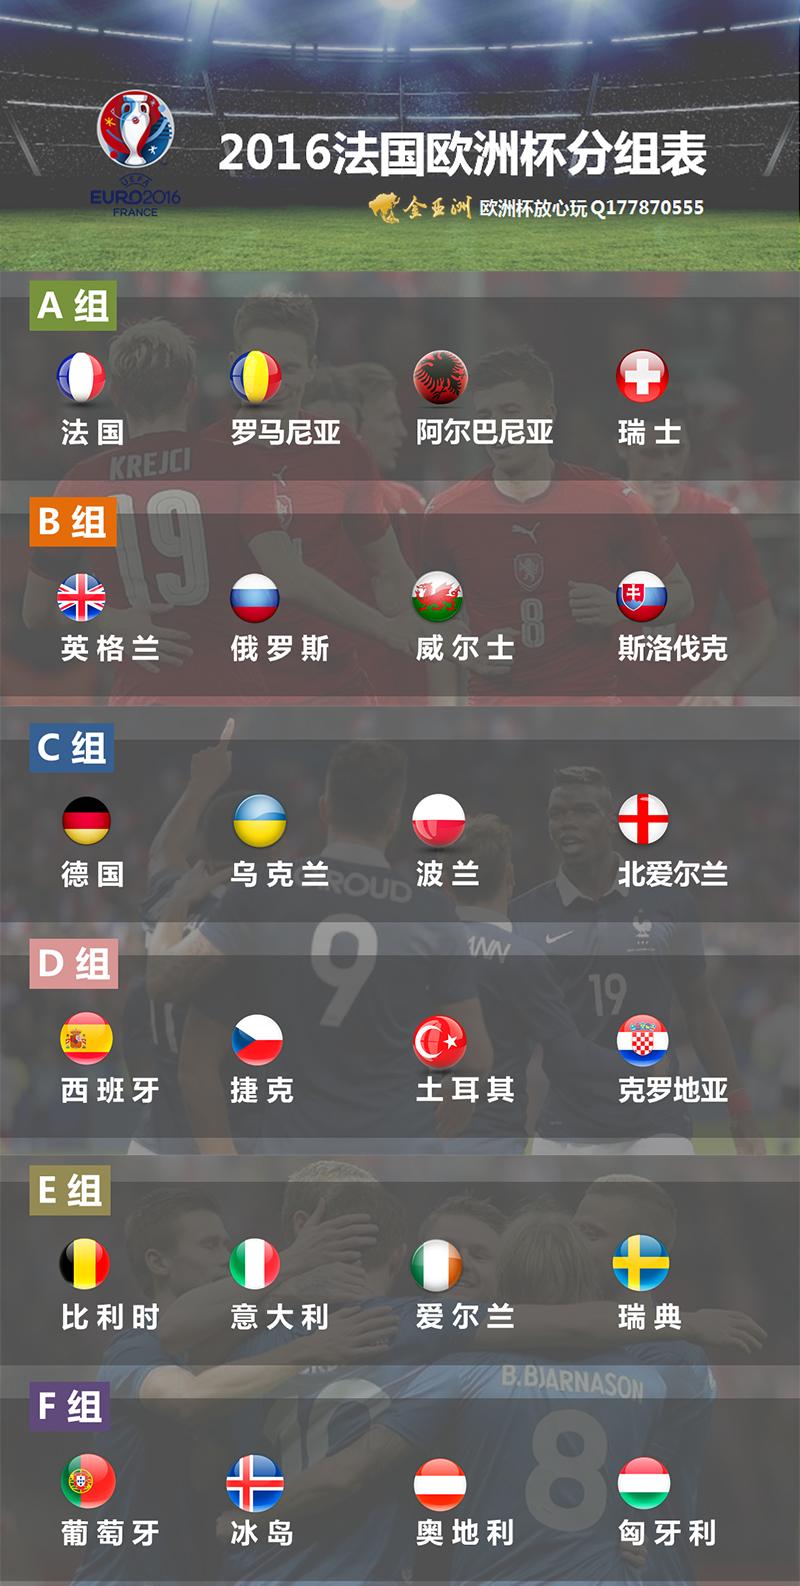 2016法国欧洲杯完整赛程表-最新版看这里